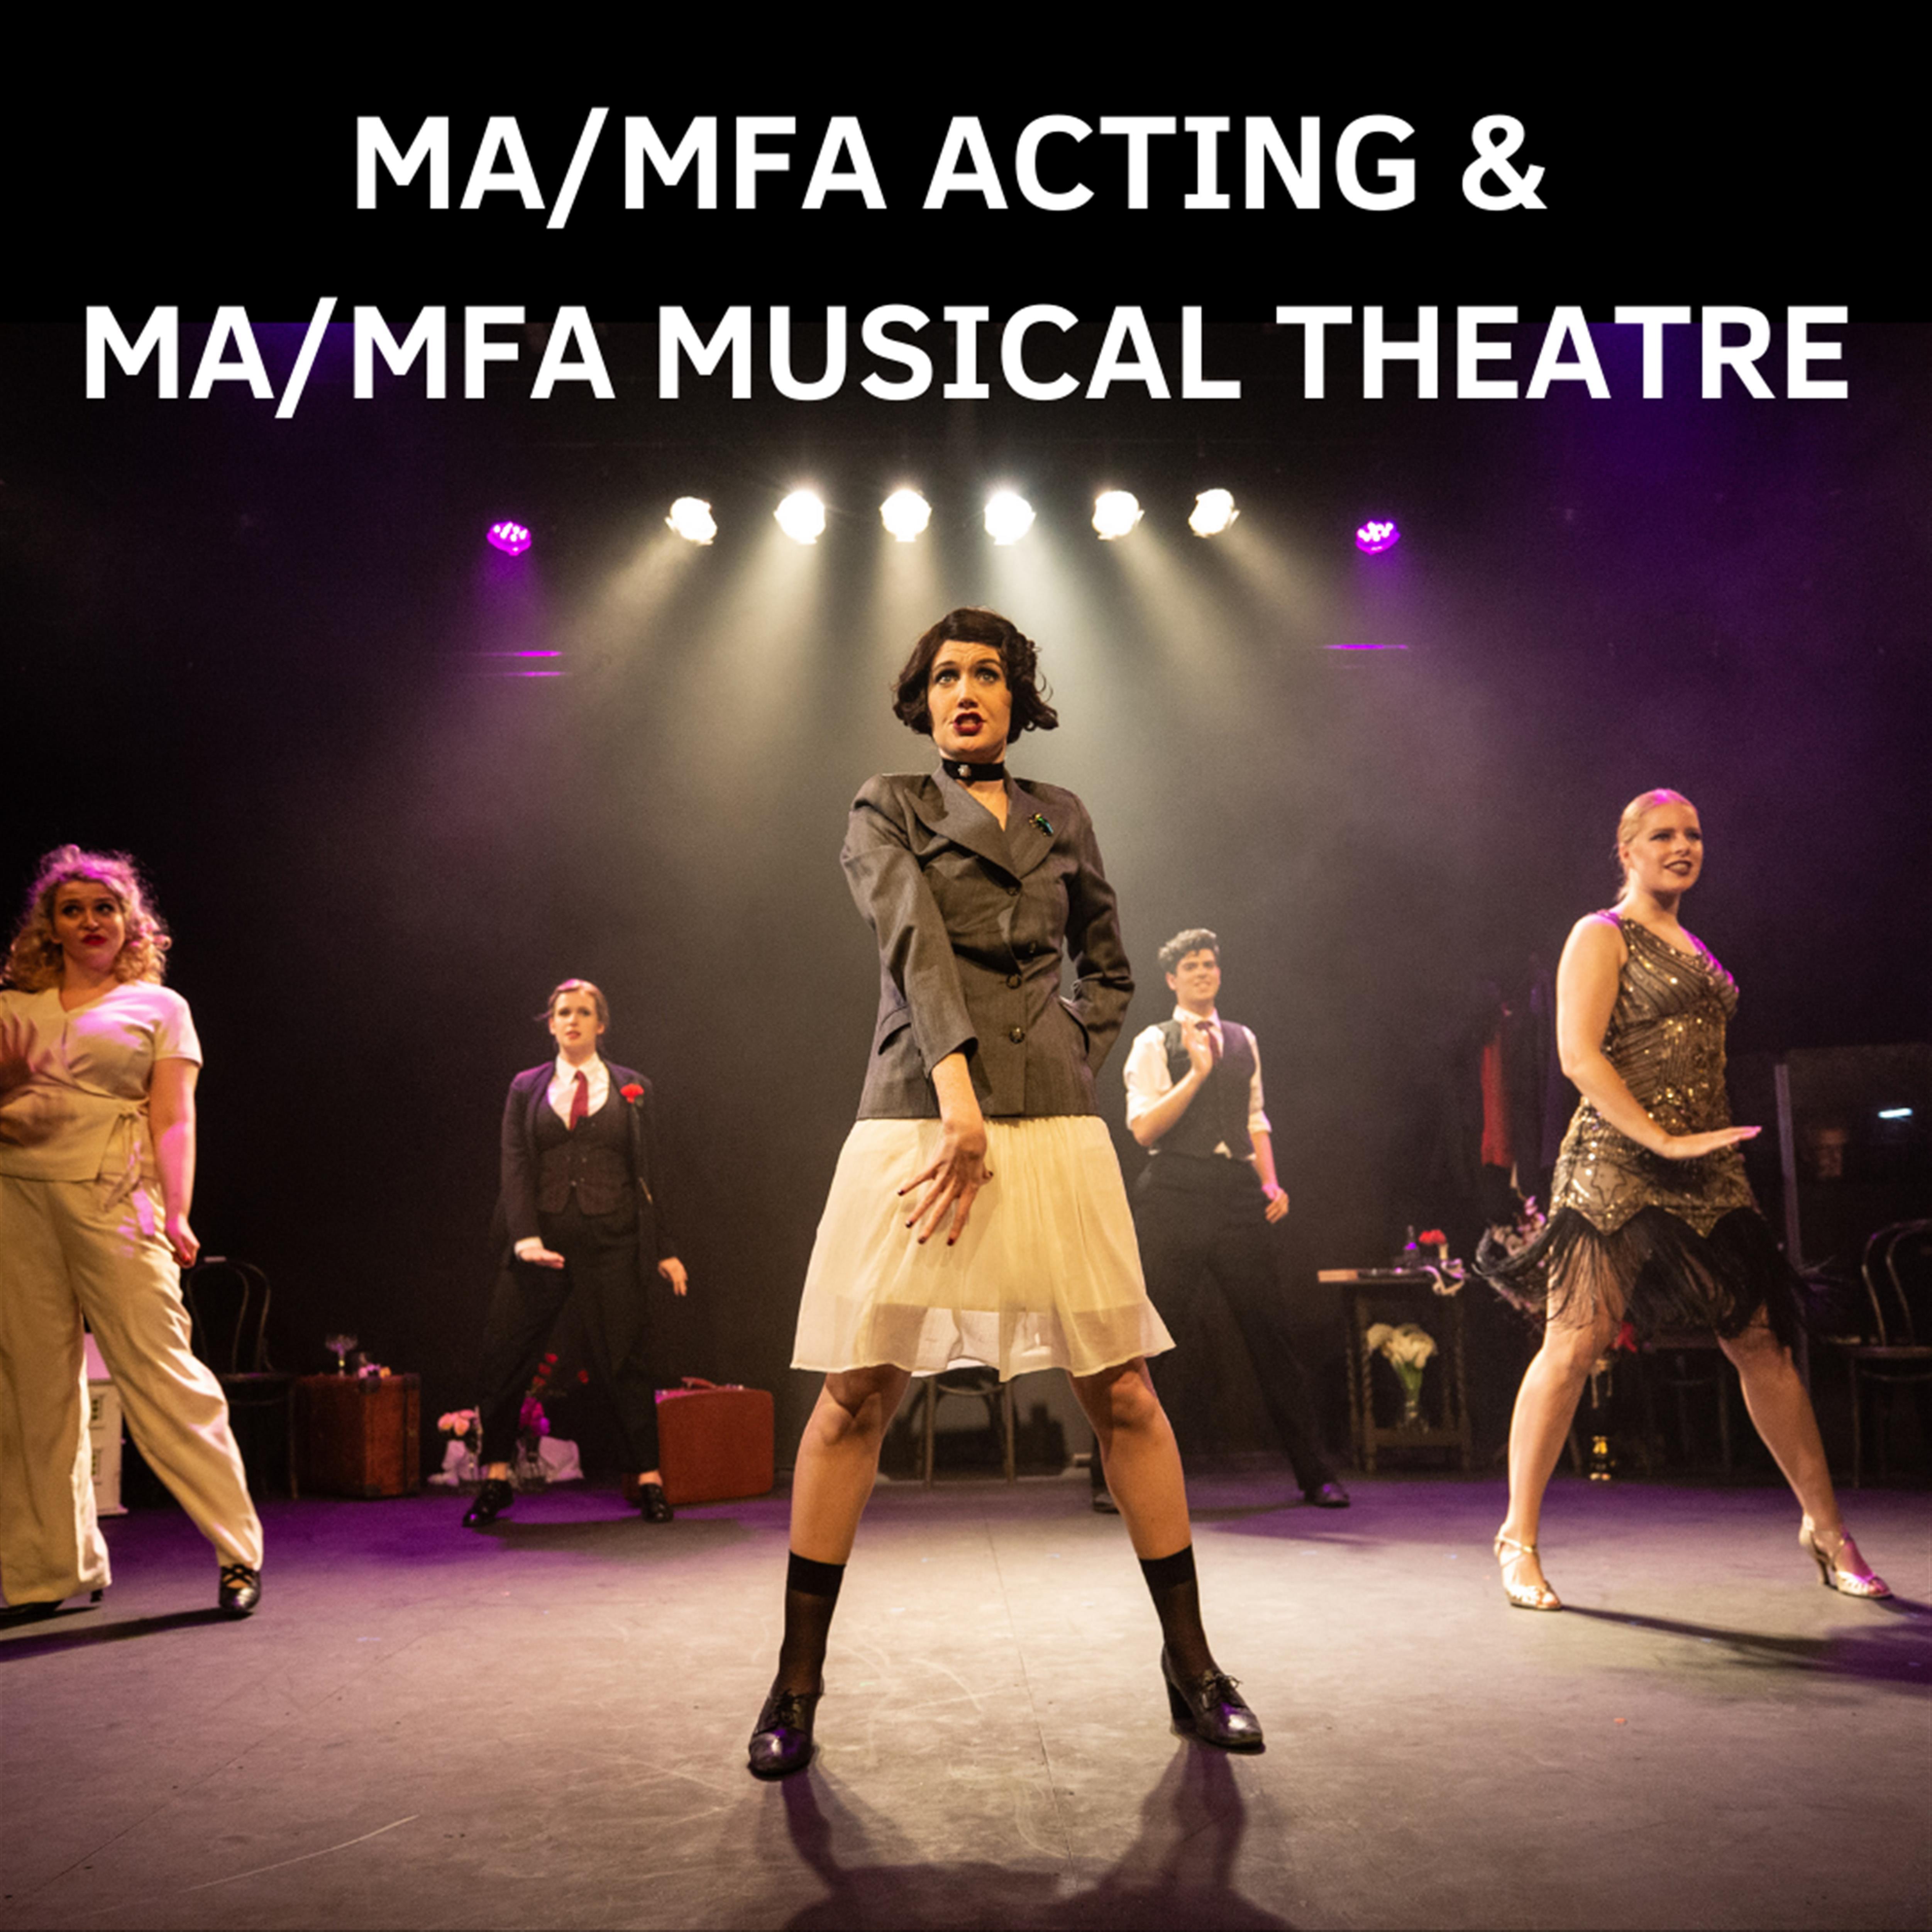 MA/MFA Acting & MA/MFA Musical Theatre Showcase